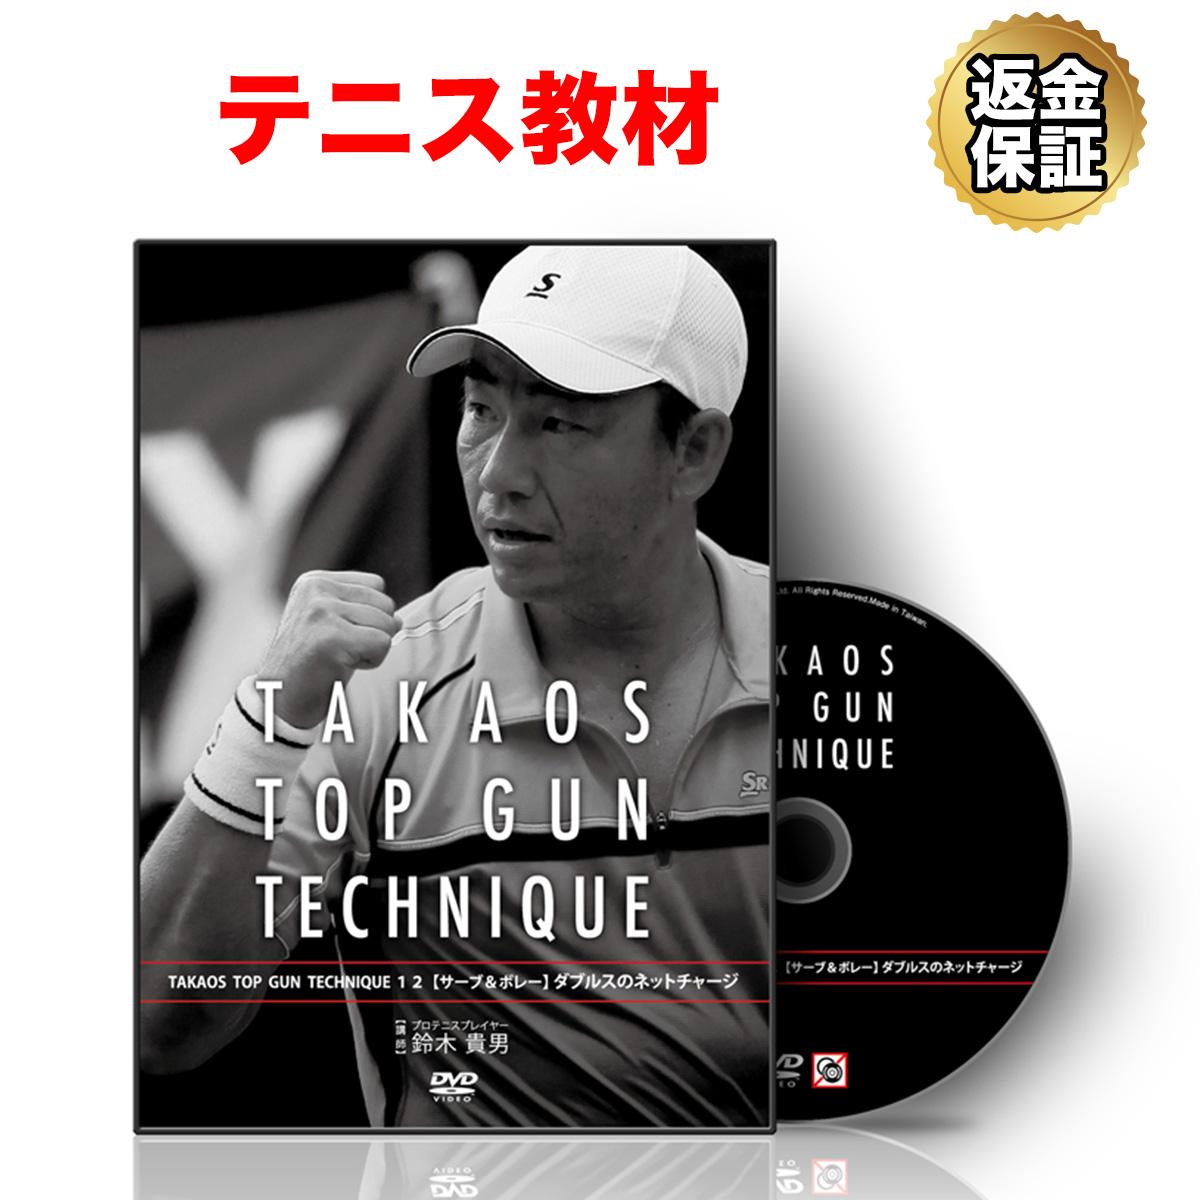 テニス 教材 DVD  鈴木貴男の TOP GUN TECHNIQUE 12【サーブ&ボレー】ダブルスのネットチャージ